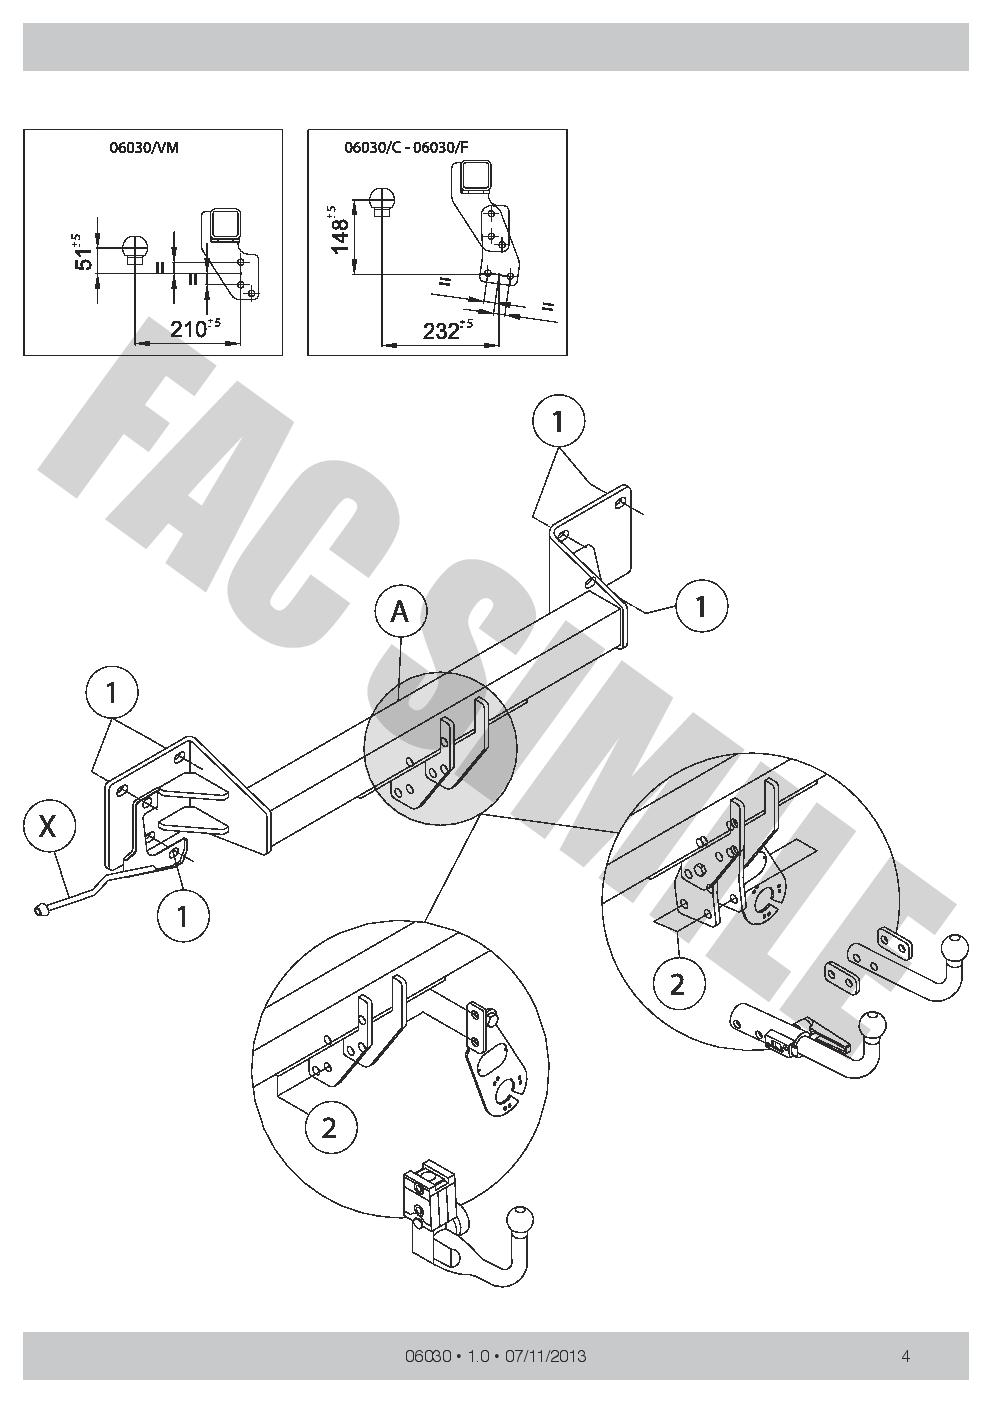 7Br Faisceaux pour BMW X1 SUV E84 2-4WD 2009-15 0603/_E1 Attelage Démontable